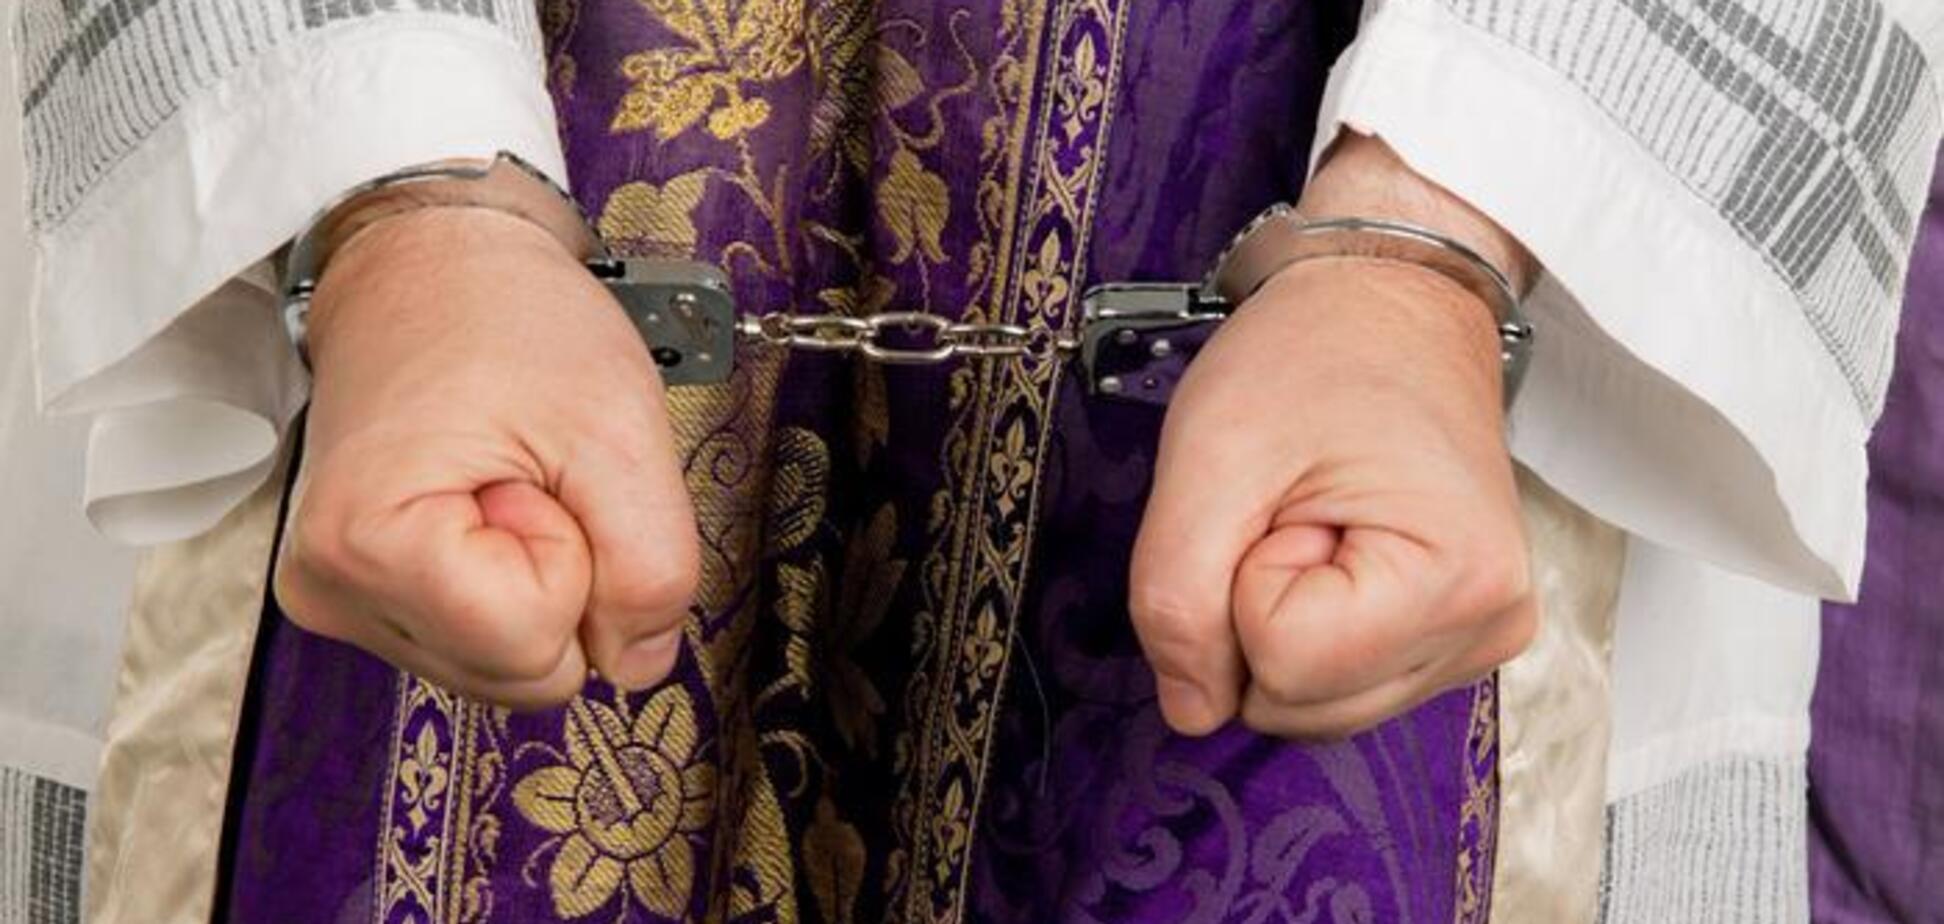 Священники изнасиловали тысячи детей: в Германии разгорелся грандиозный скандал